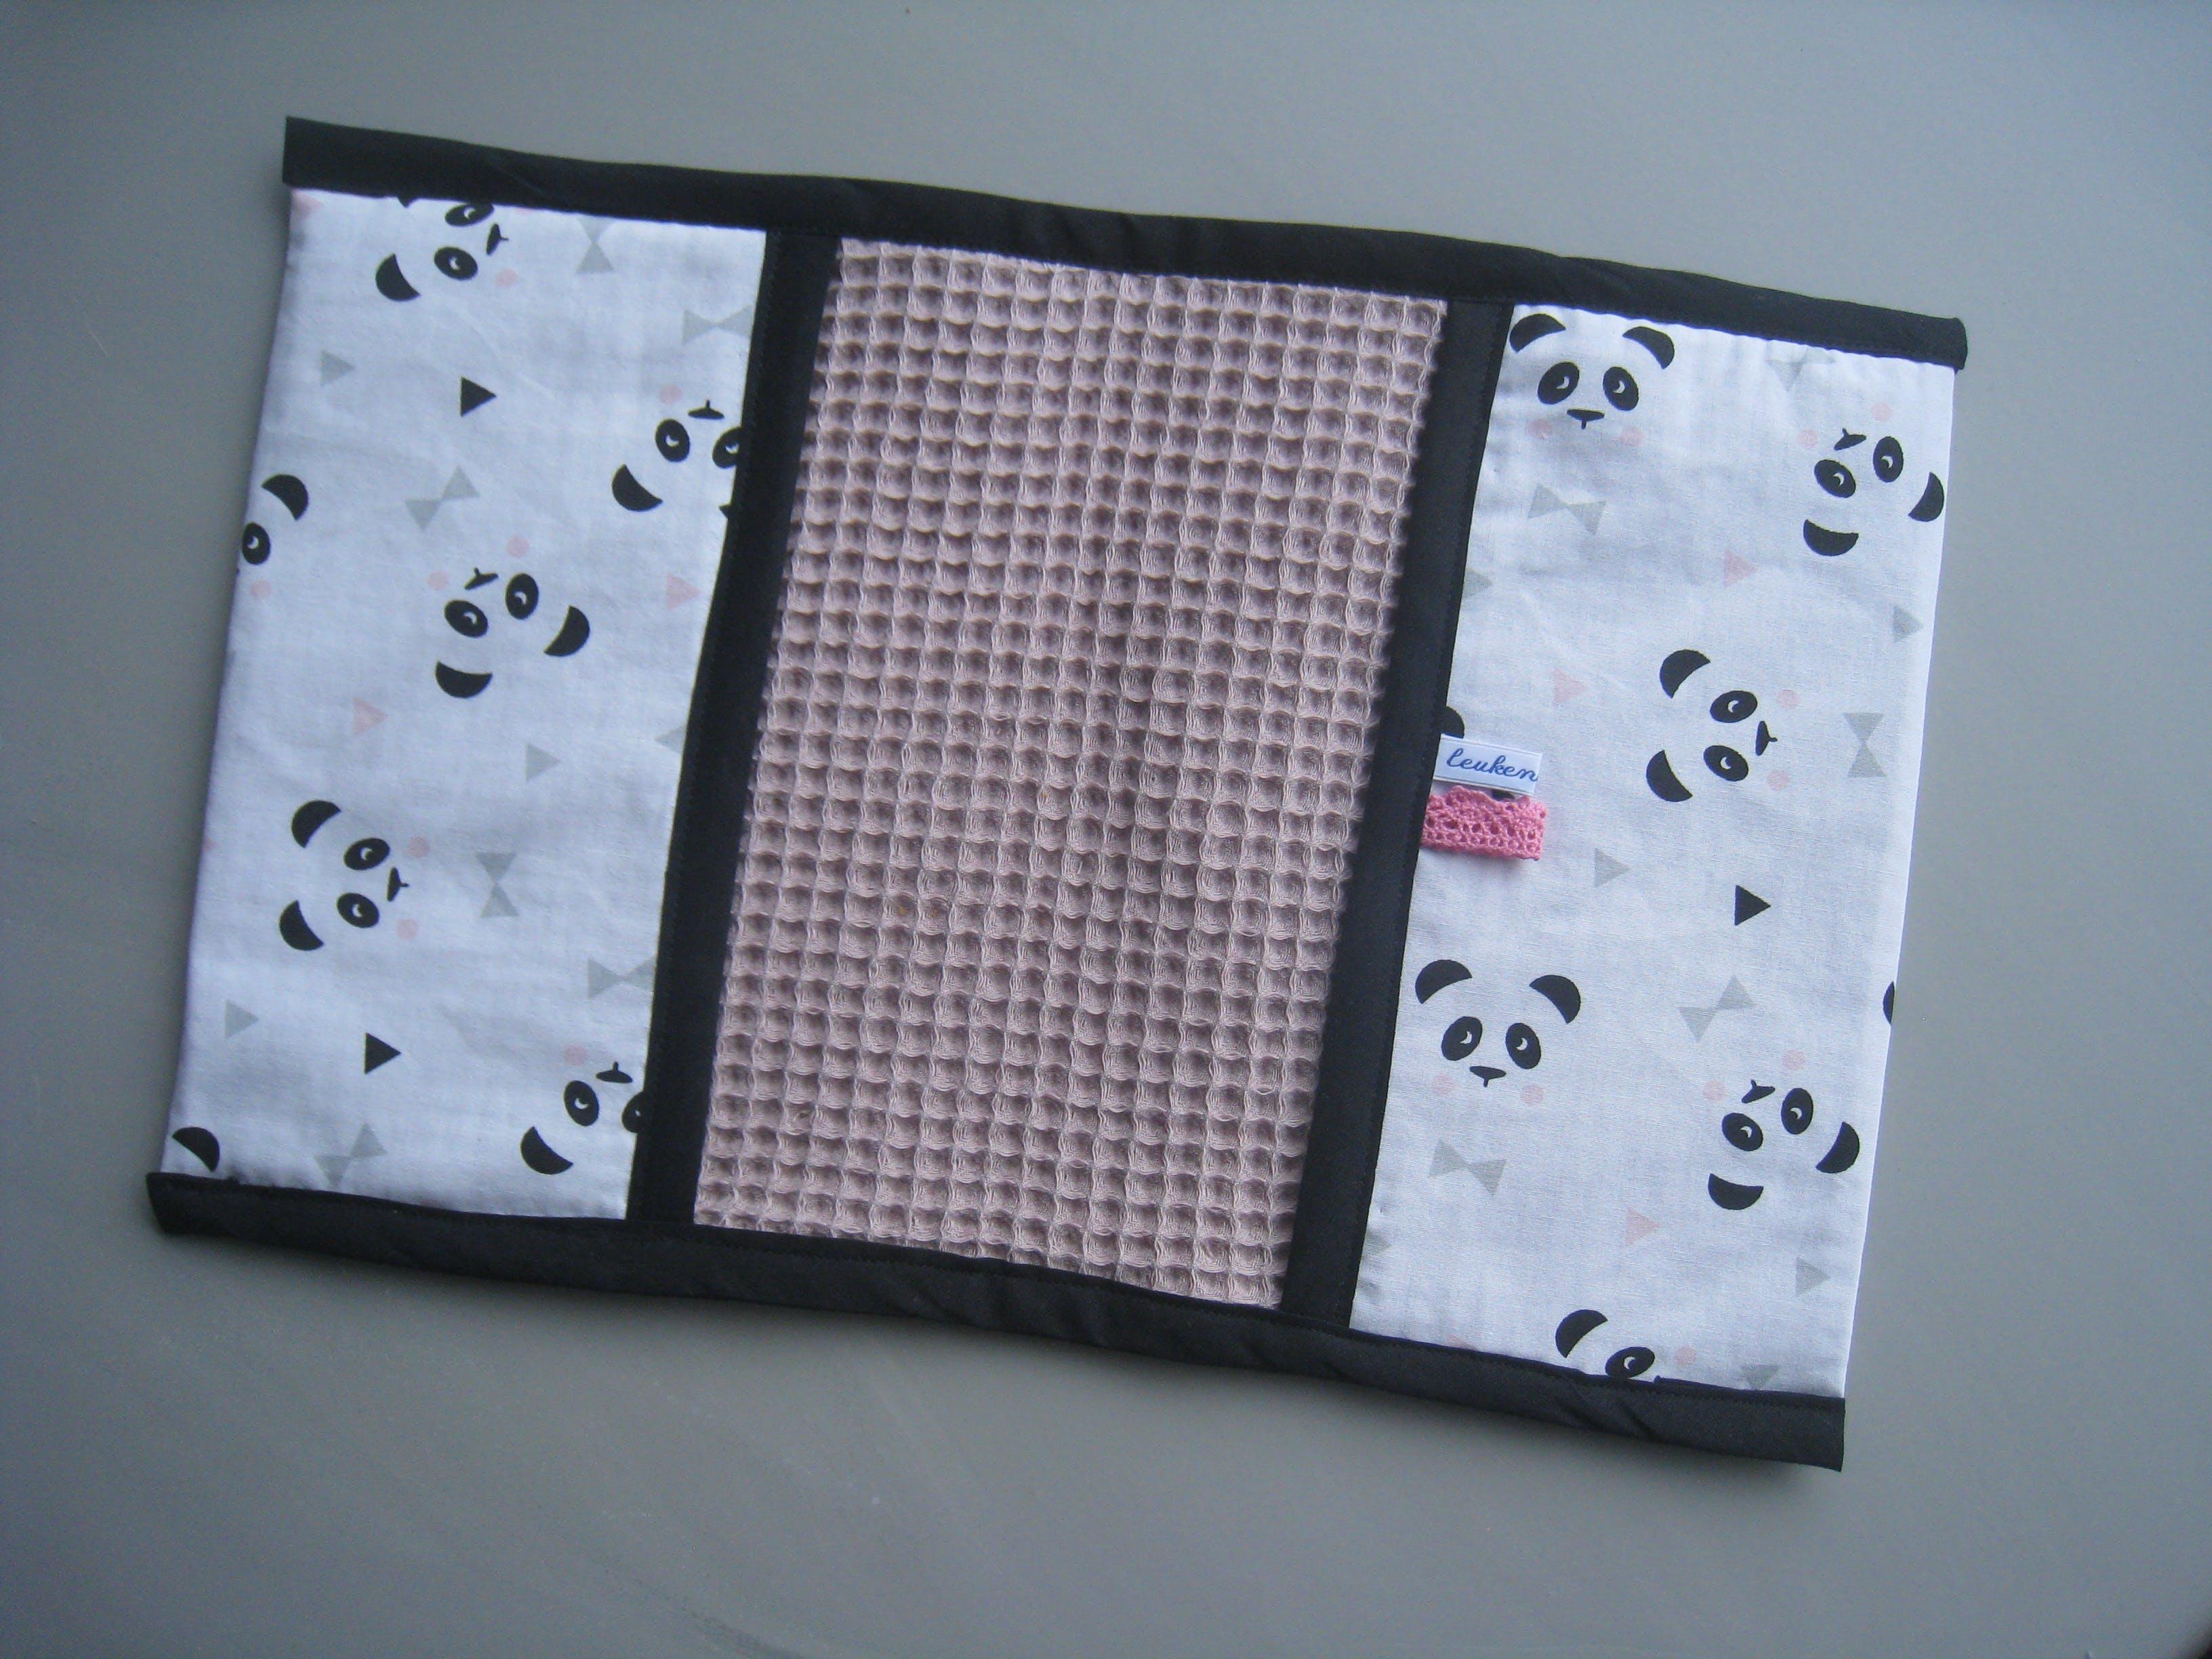 Luiermapje Panda